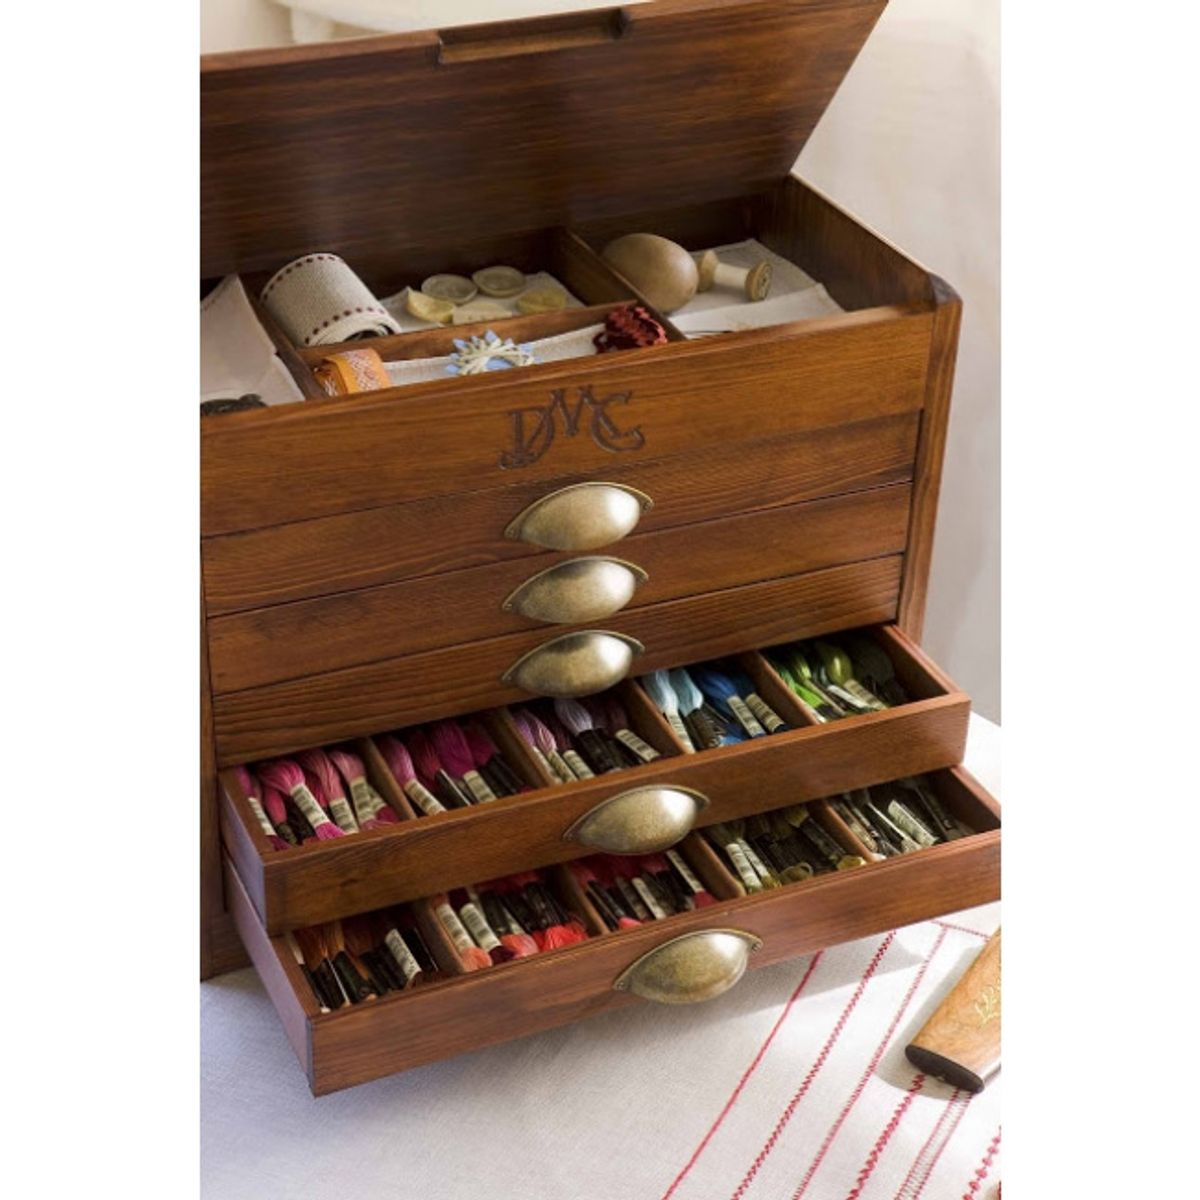 Meuble vintage en bois DMC avec 500 moulinés